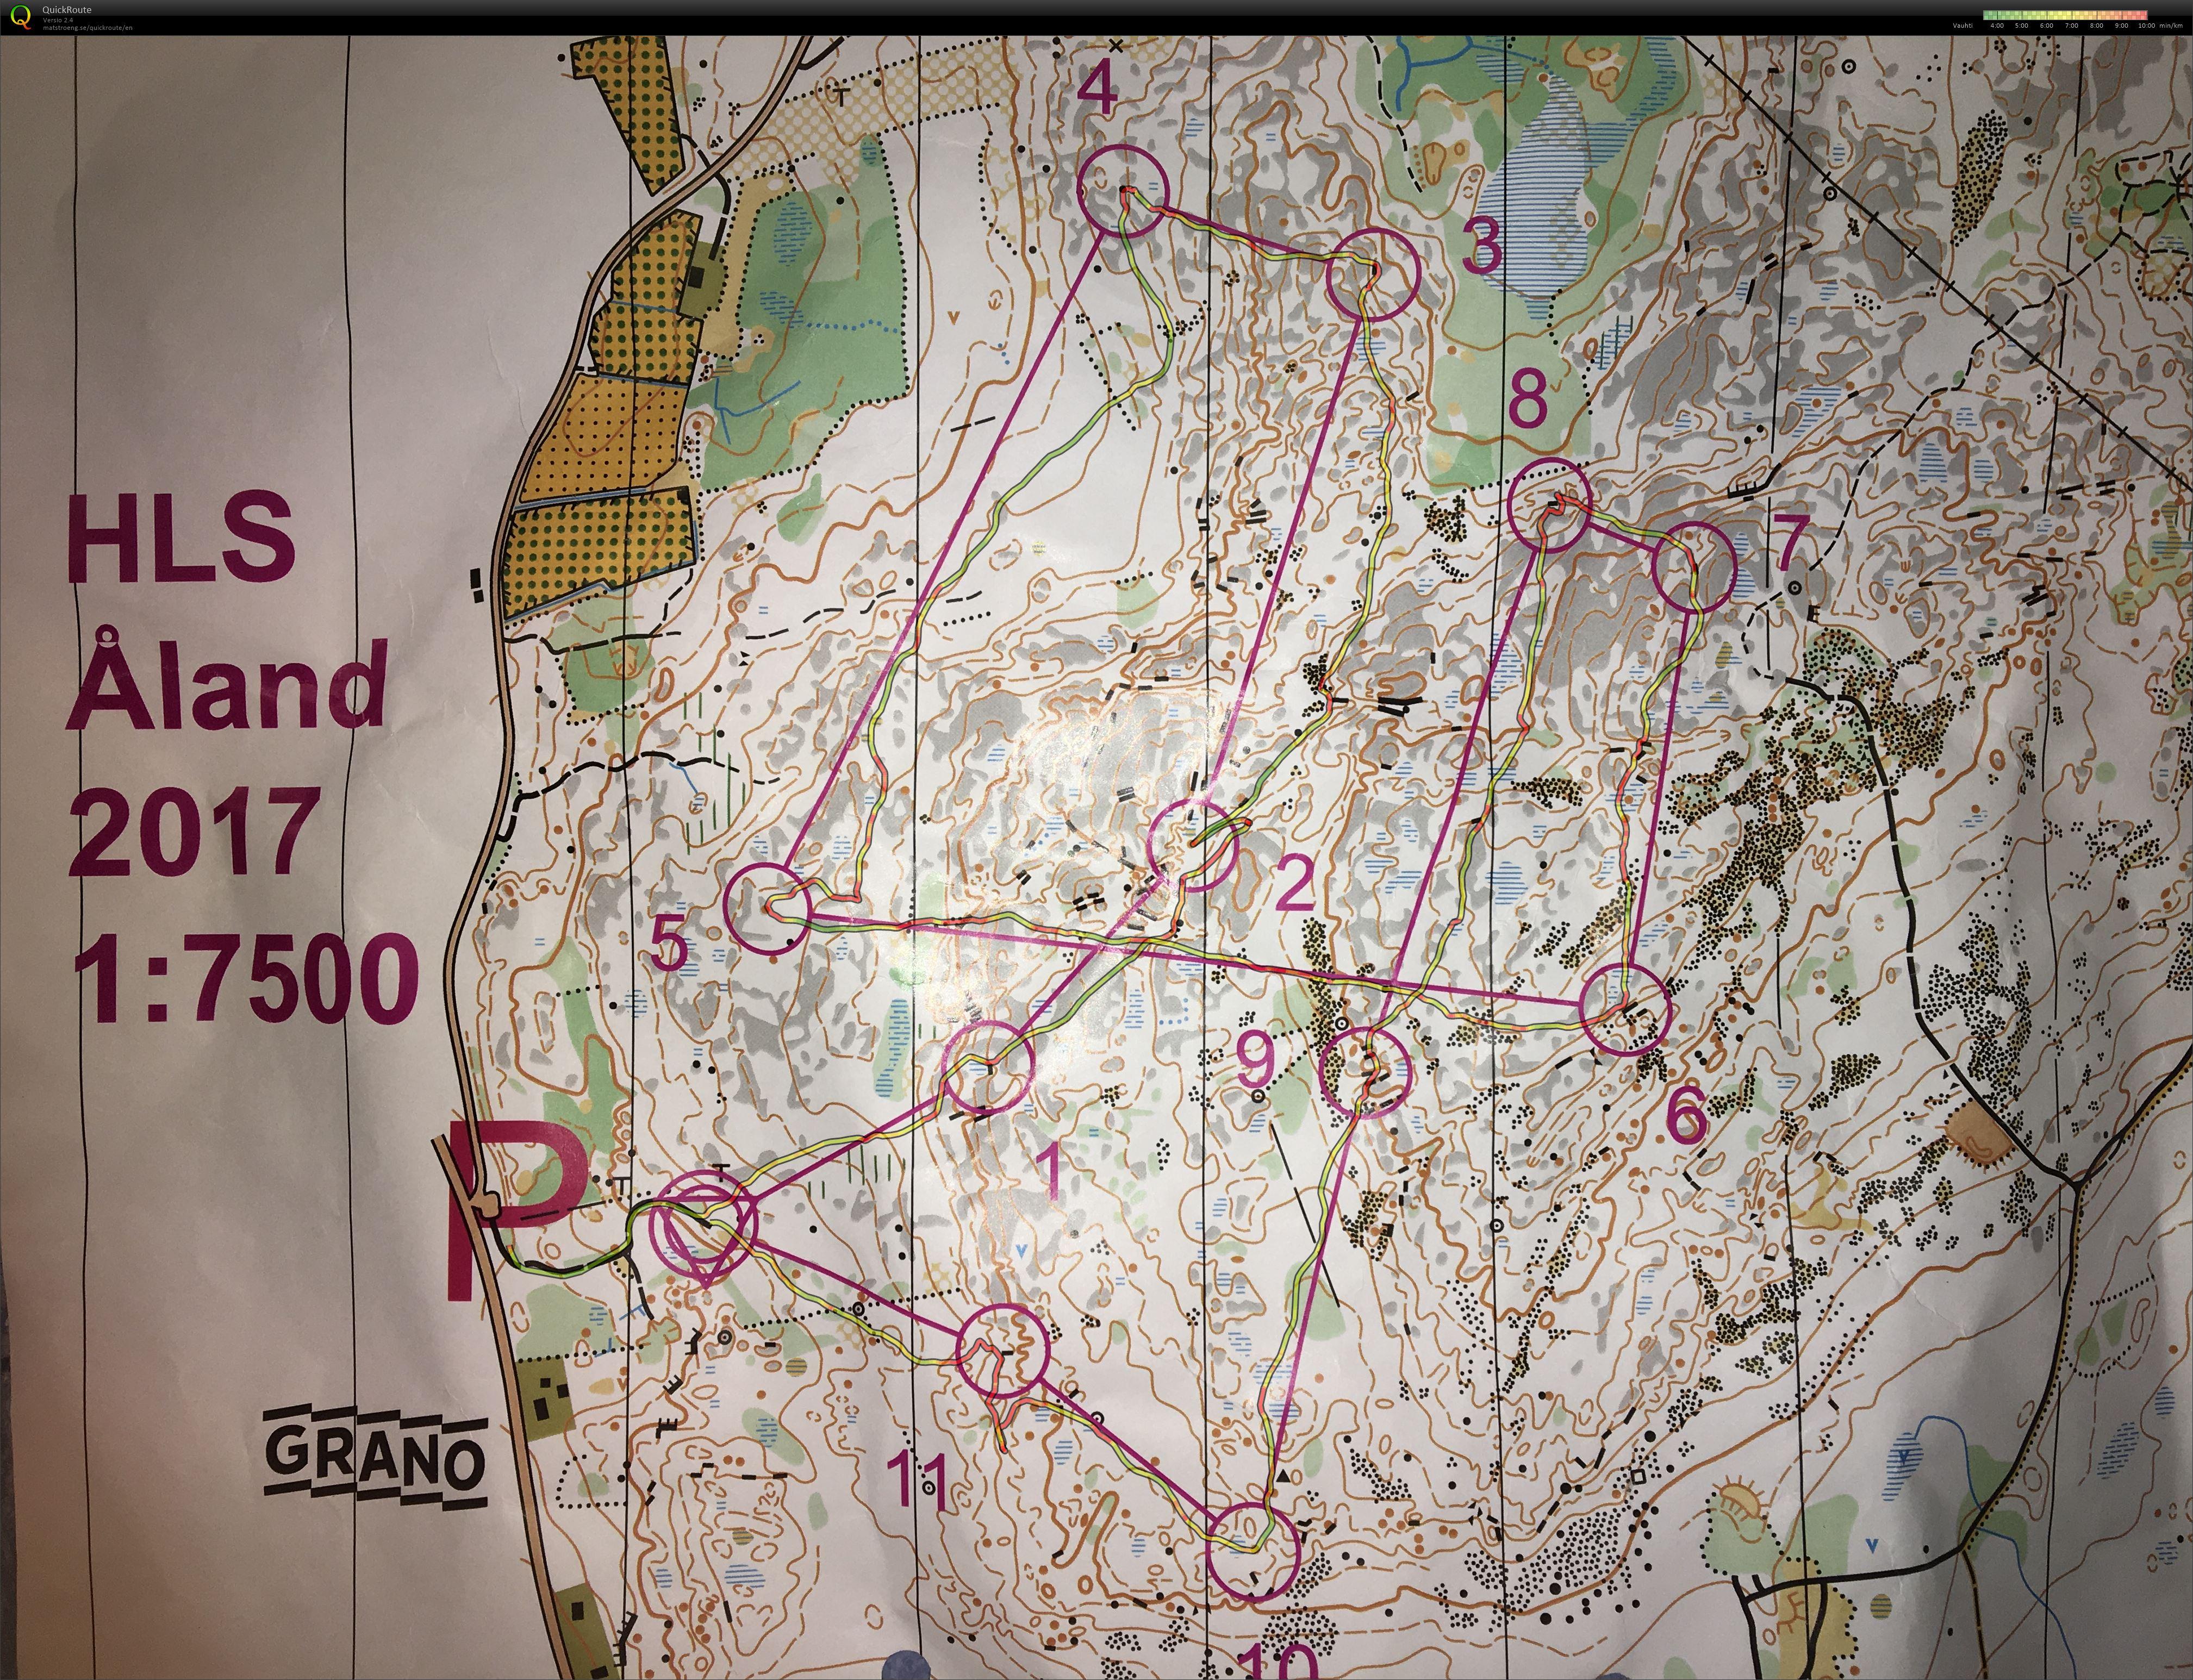 My Digital Orienteering Map Archive 1 7500 Kartta Ahvenanmaa 3